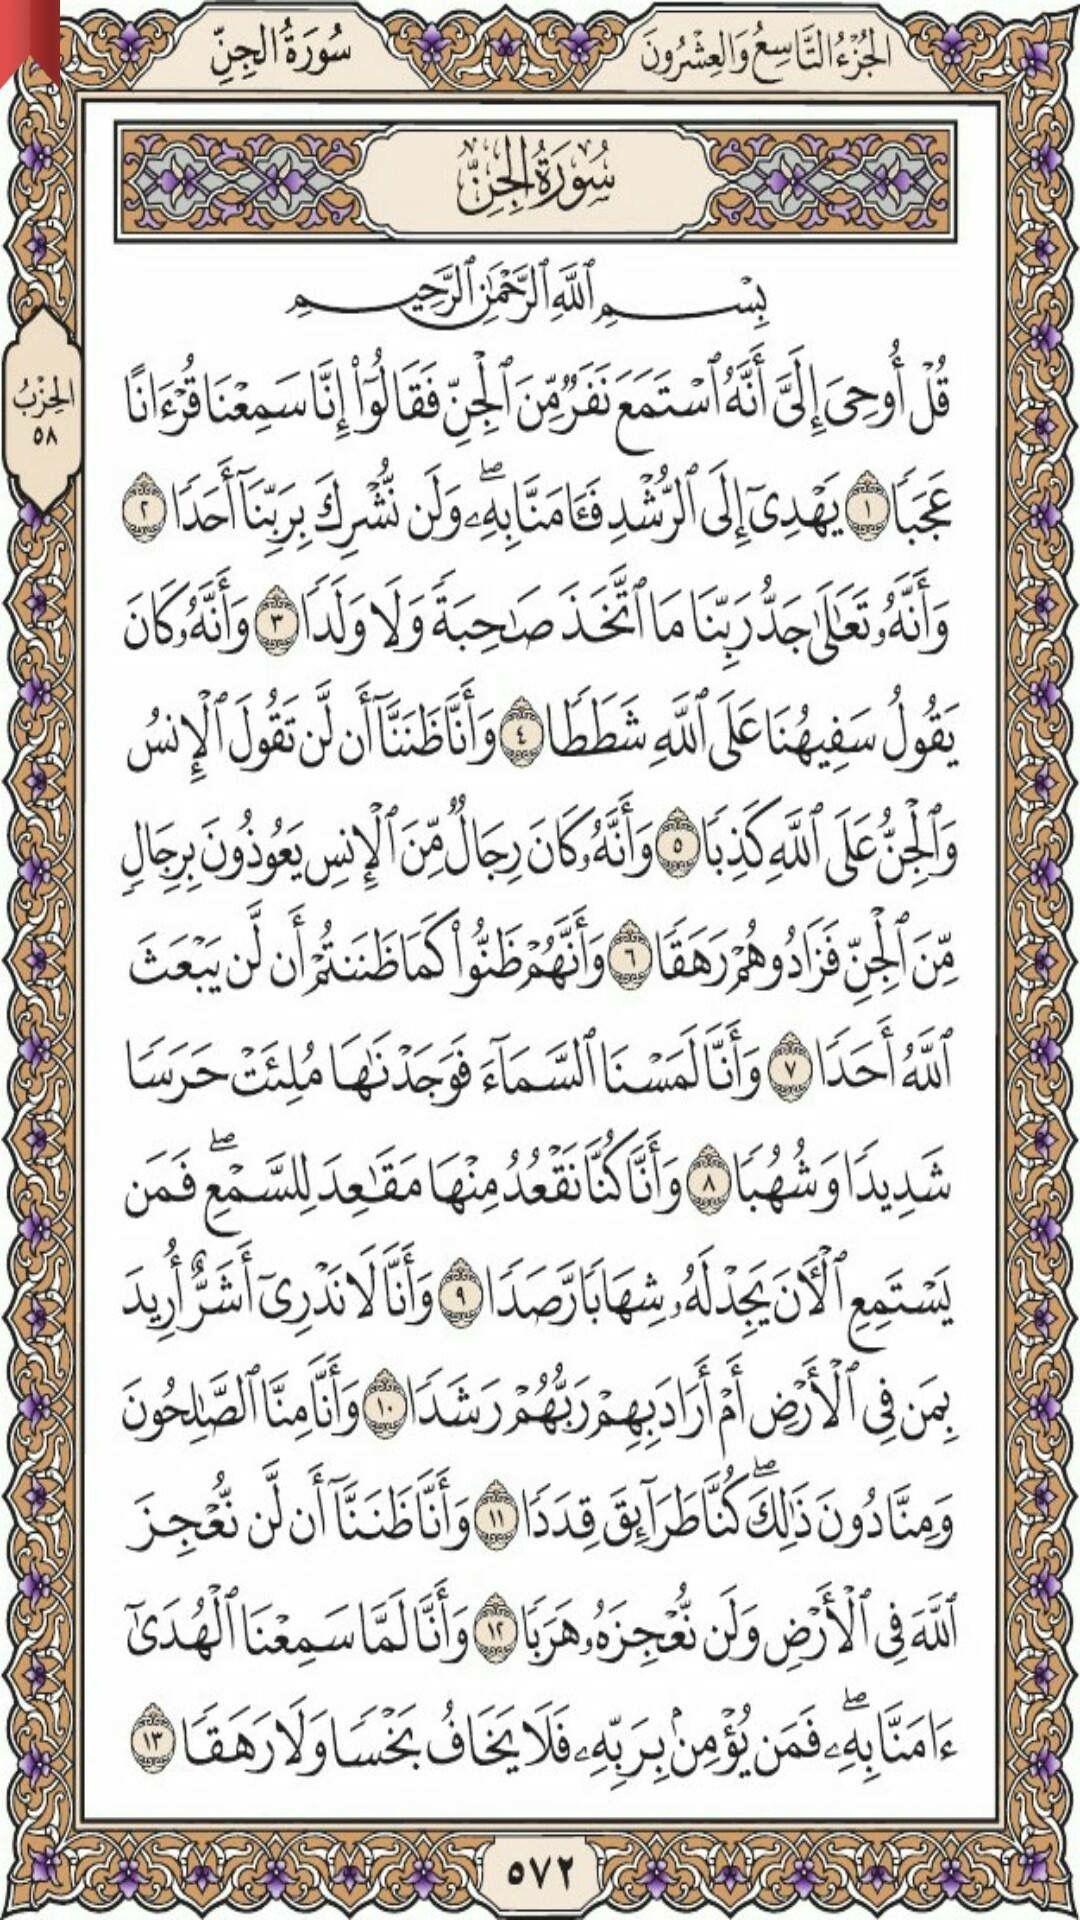 ١ ١٣ الجن Quran Verses Quran Holy Quran Book